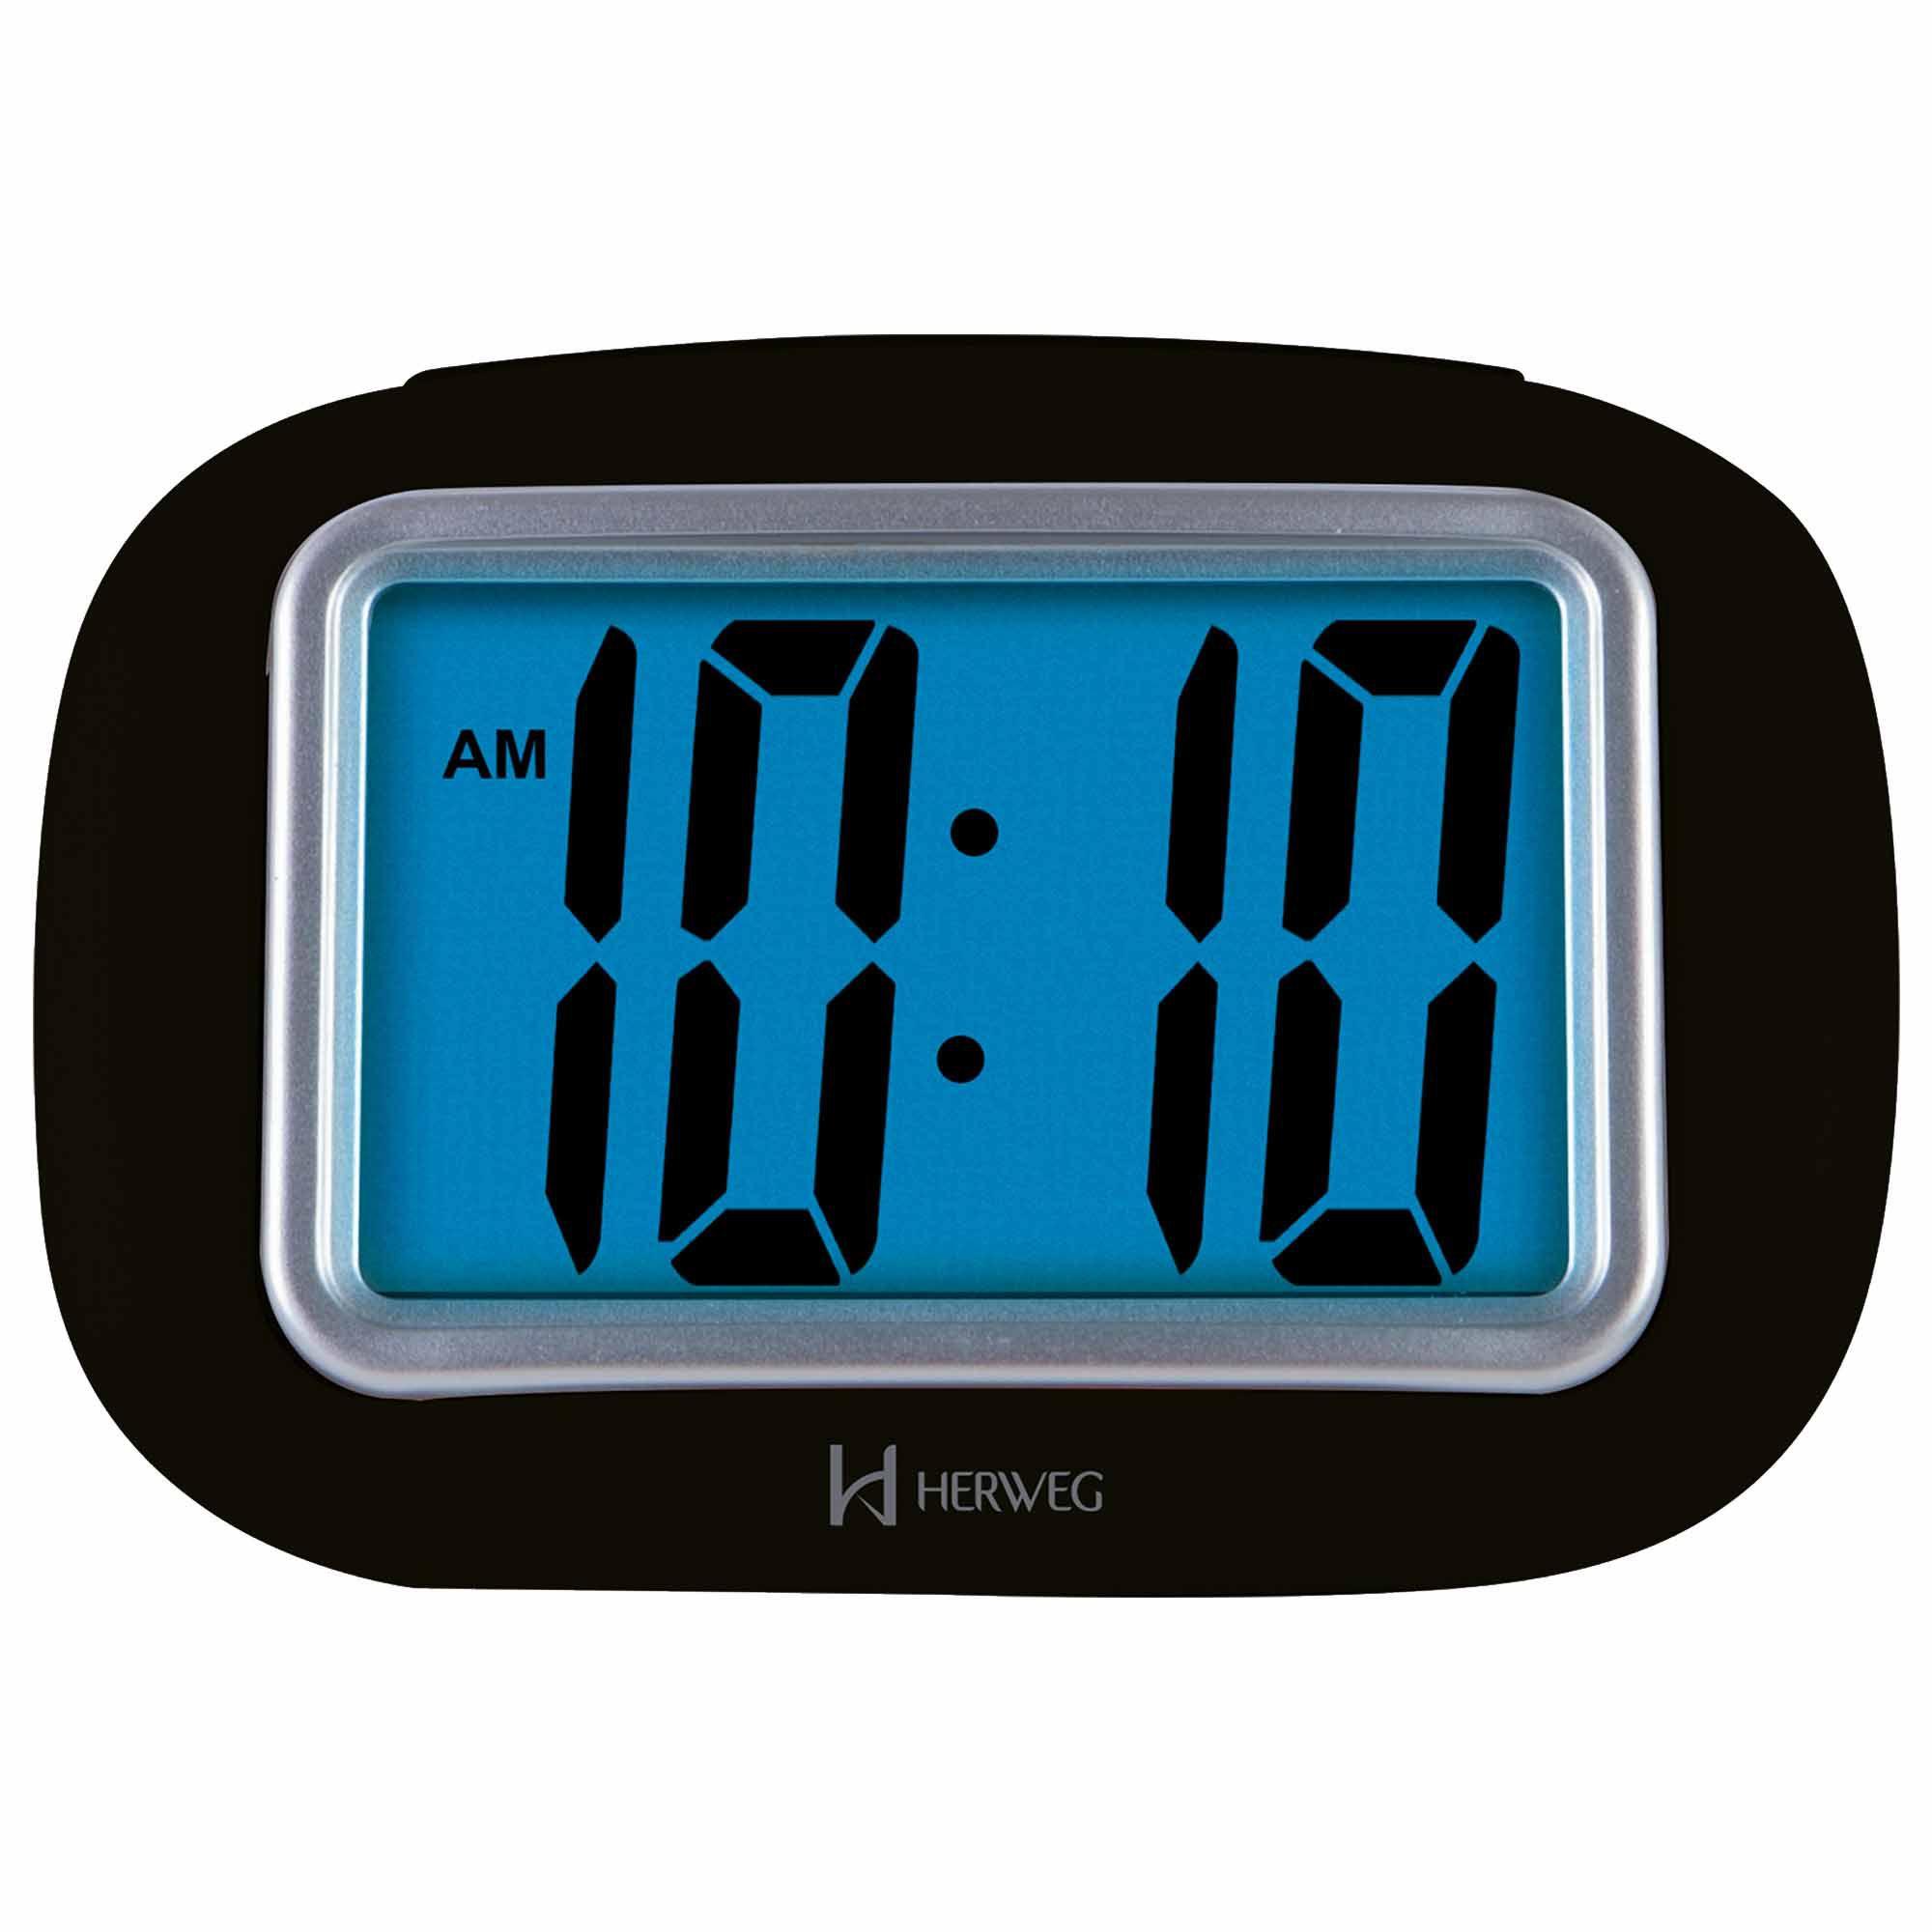 Despertador Digital Quartzo Herweg 2976 034 Preto